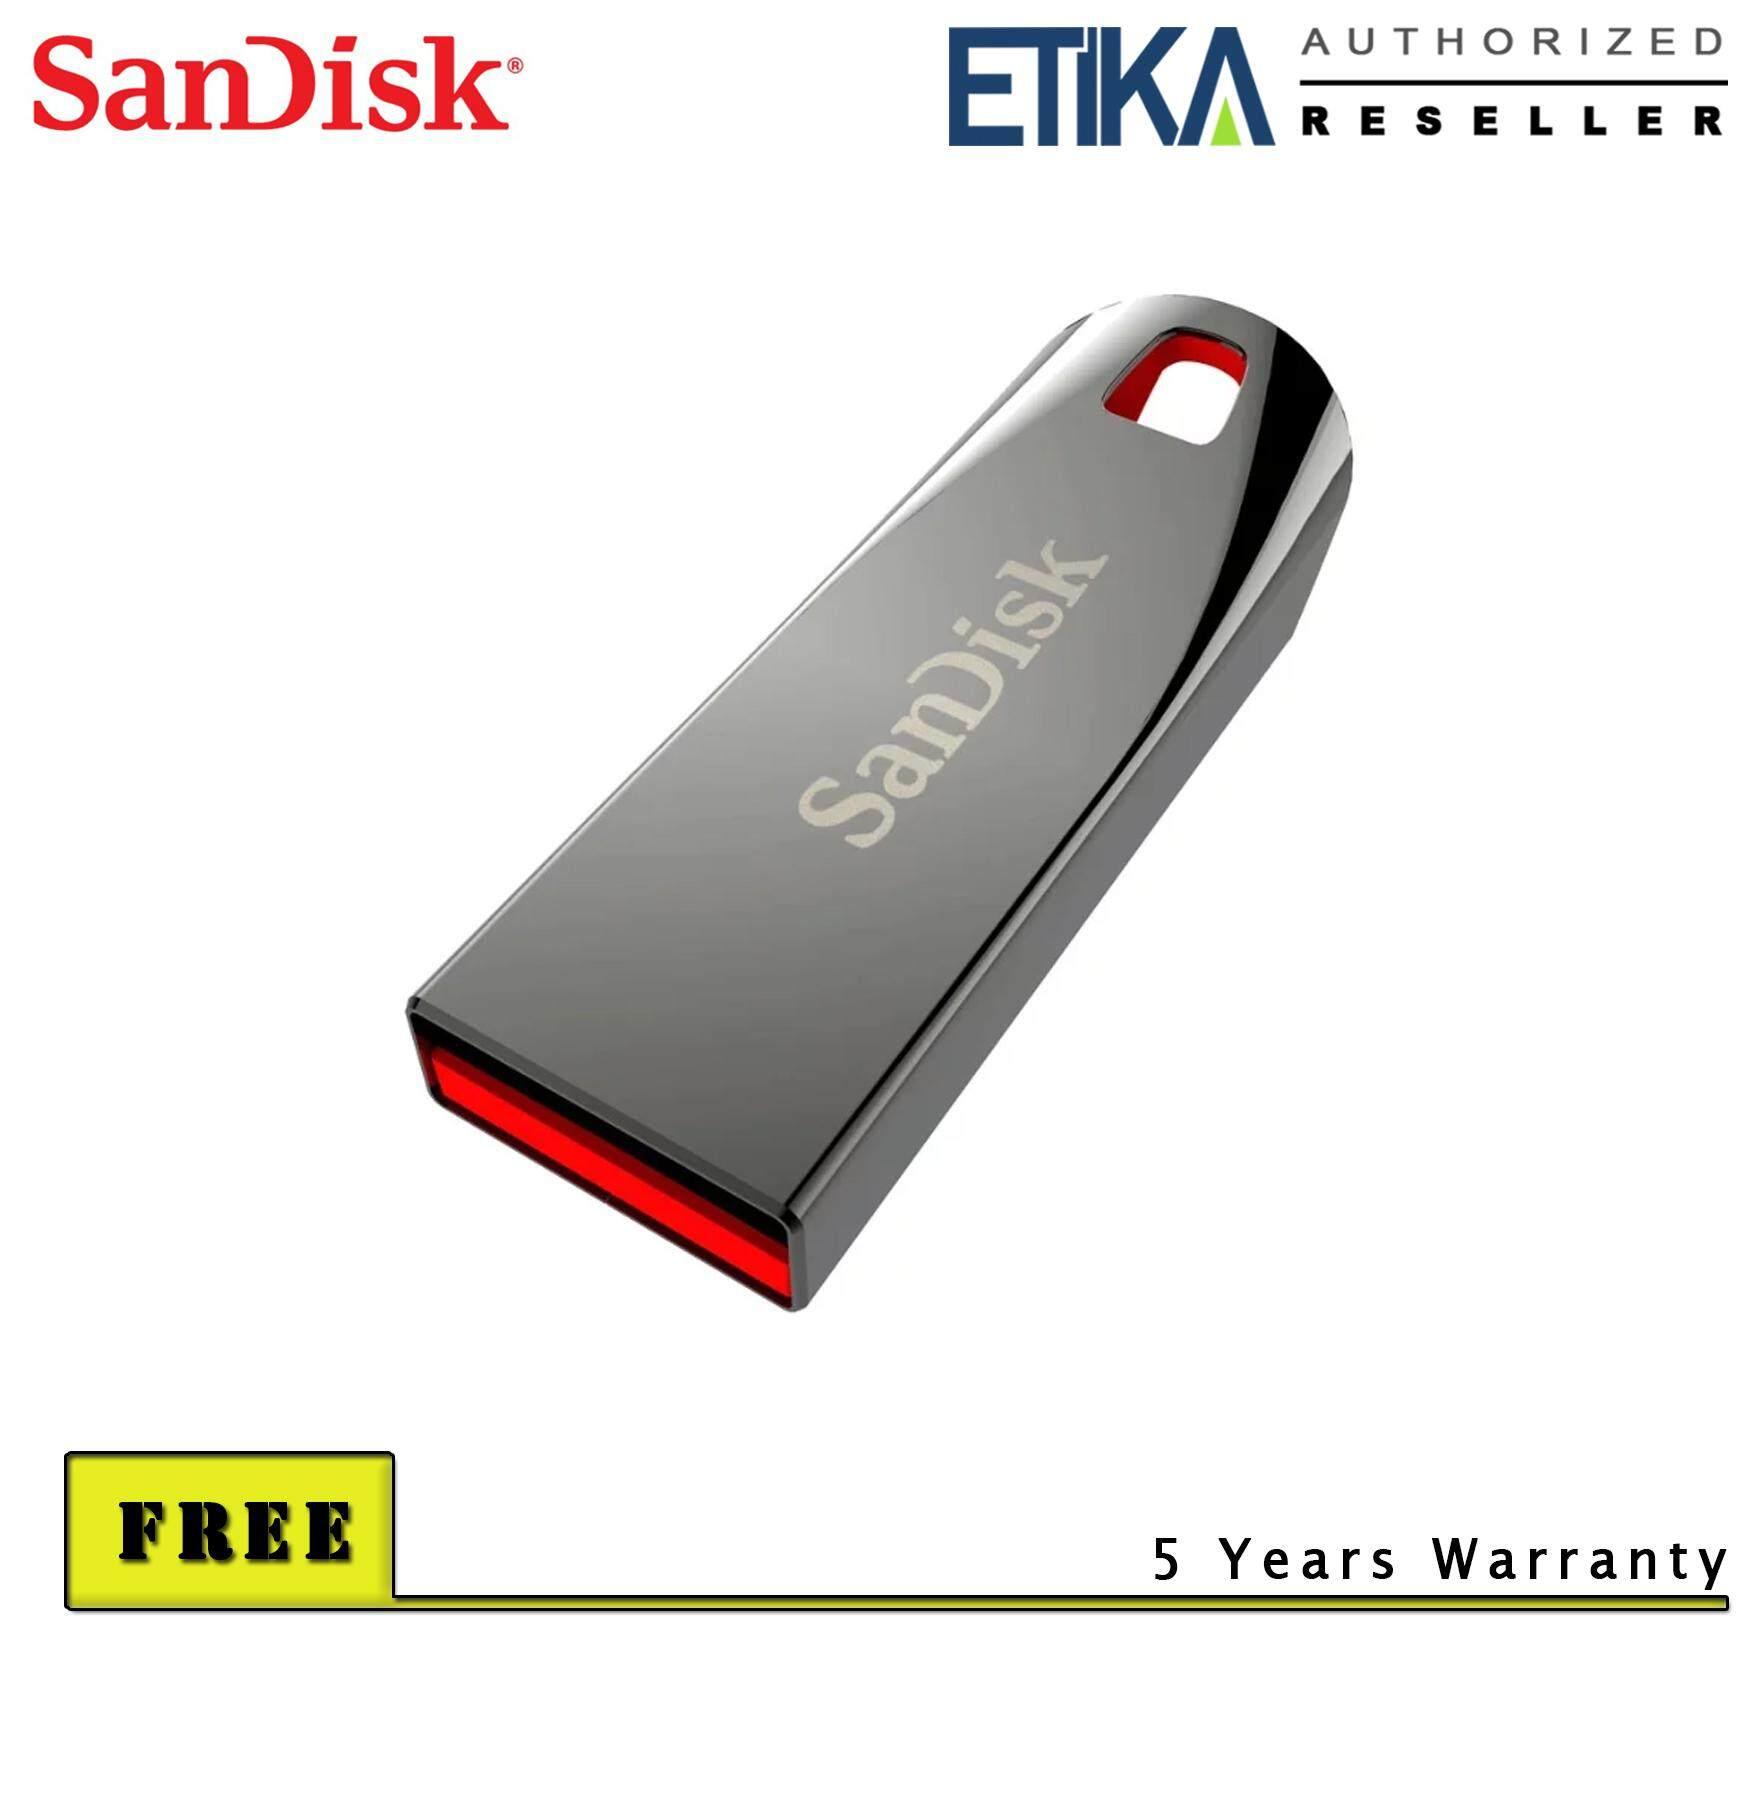 SanDisk Cruzer Force USB2.0 CZ71 16GB